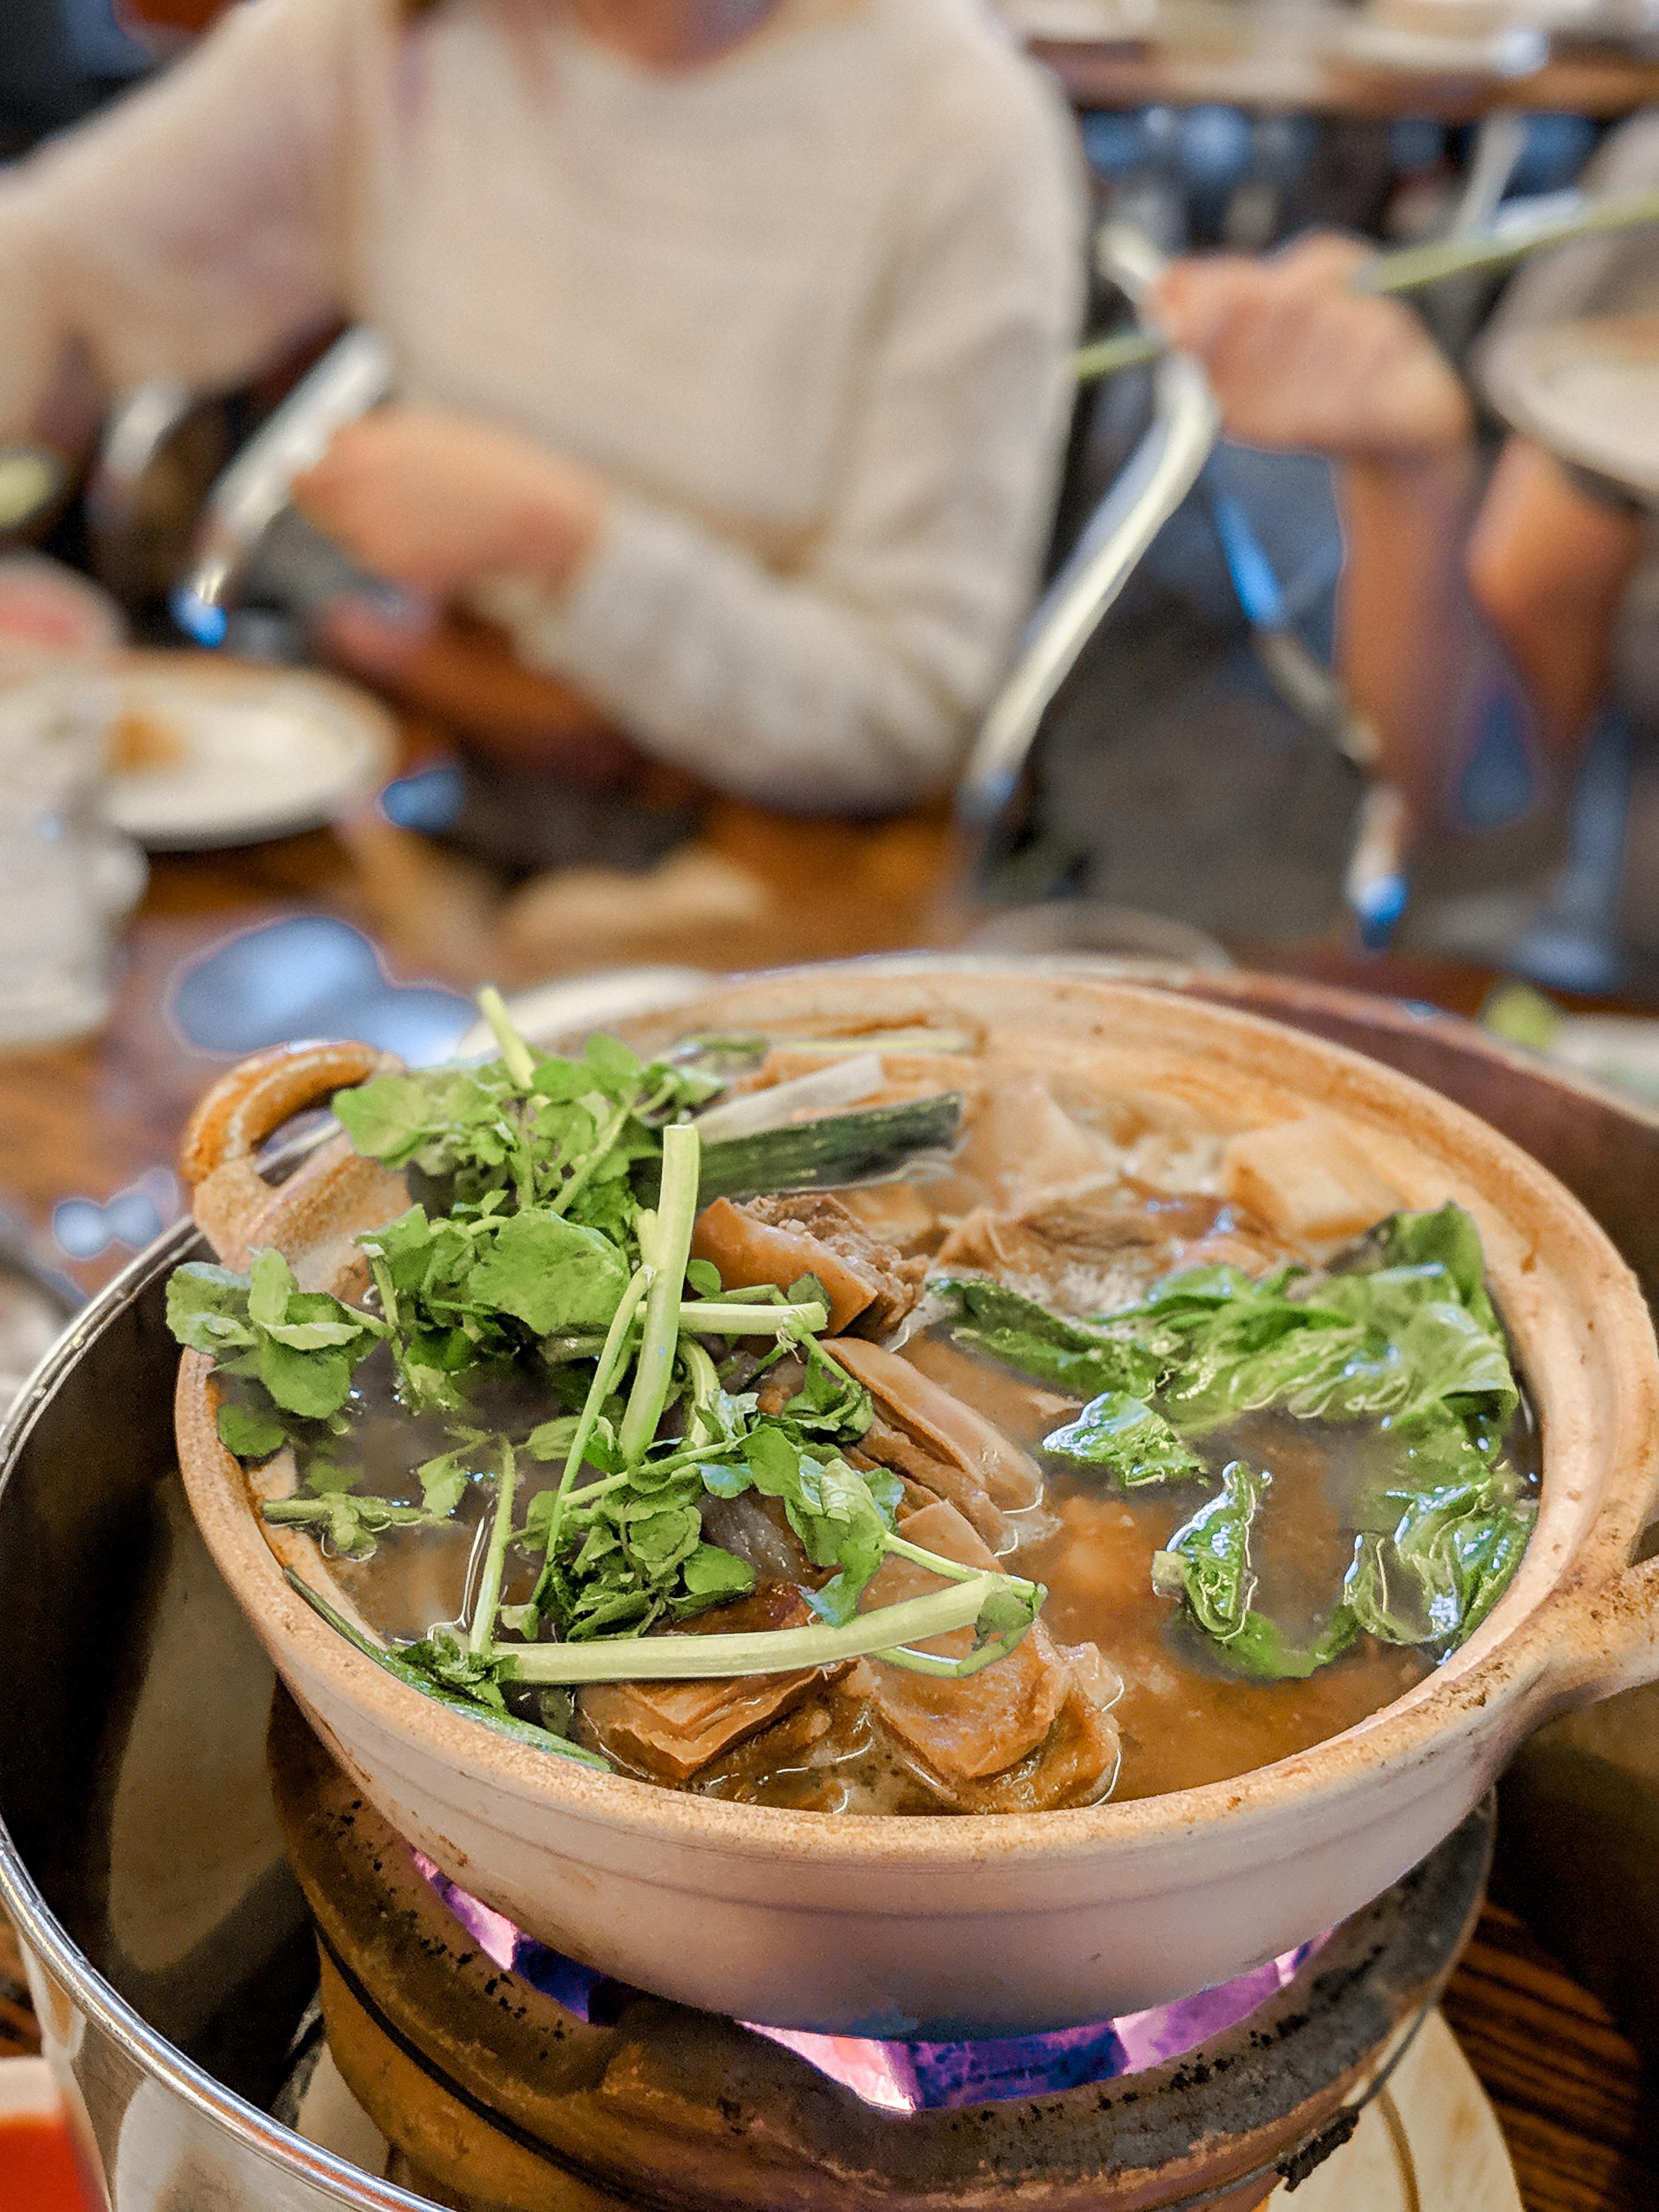 12.Lei Ka Choi Hot Pot at Broadway Macao's Hot Pot sensation